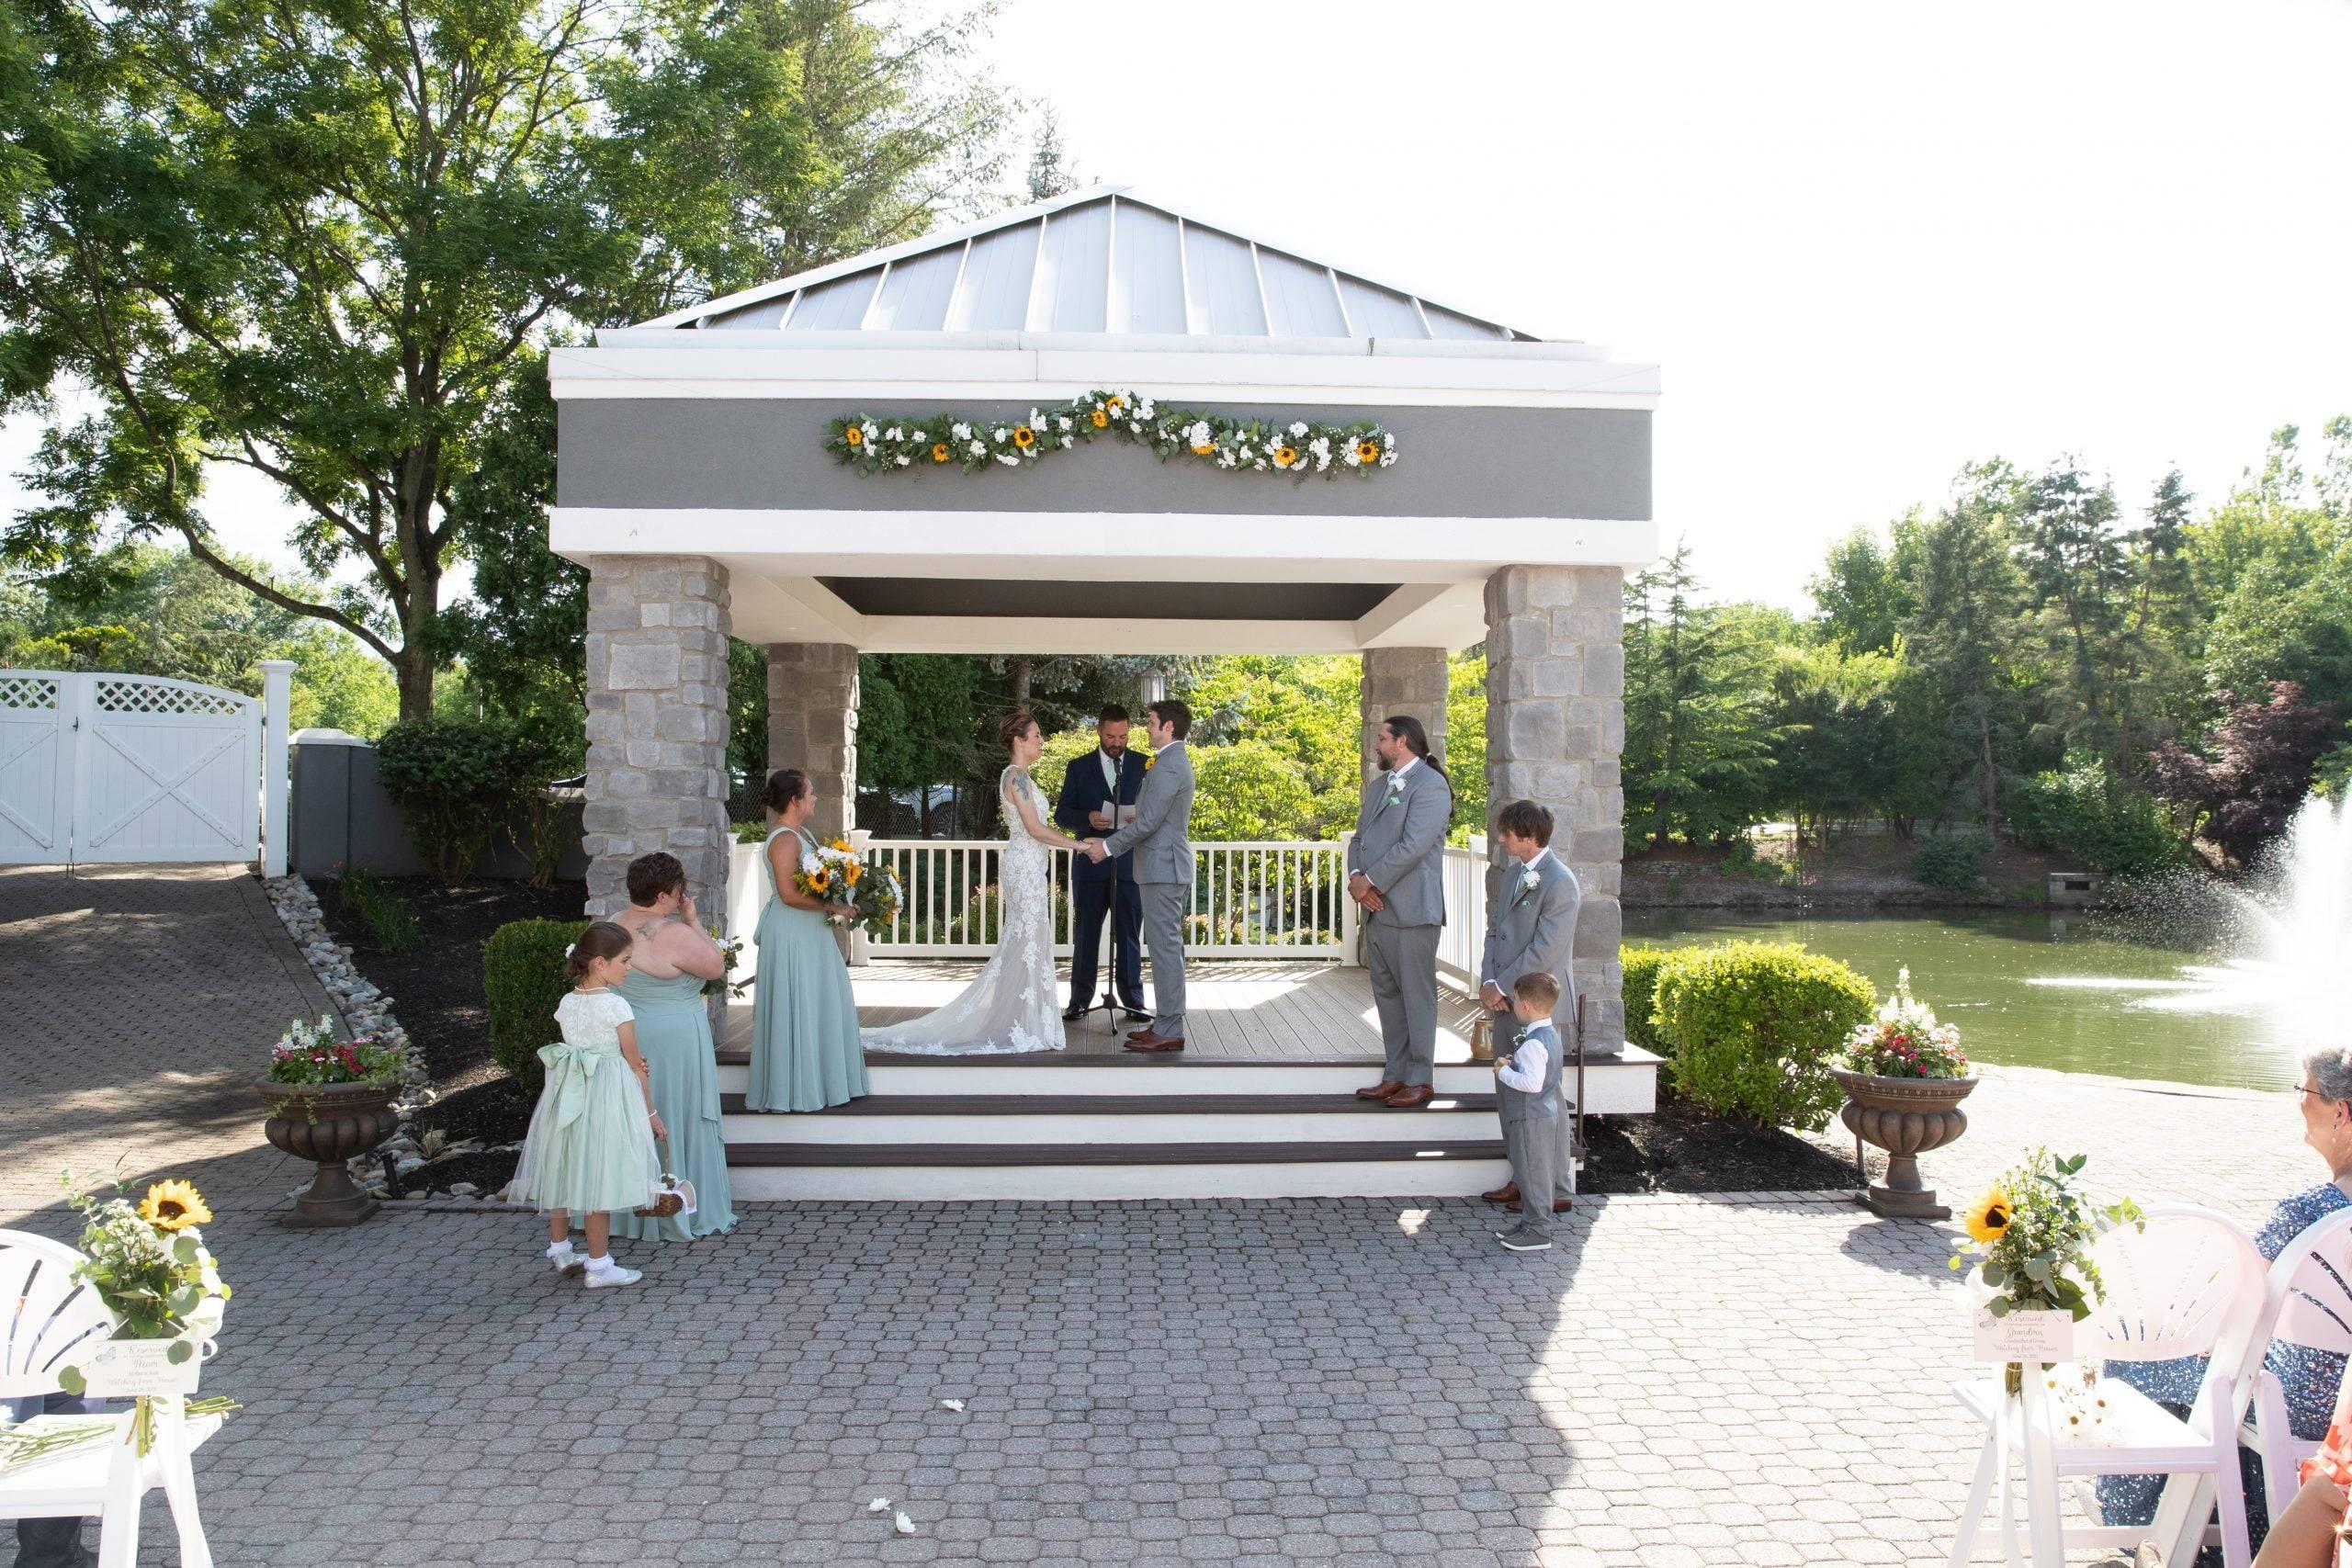 Bridgewater Manor wedding ceremony in outdoor altar